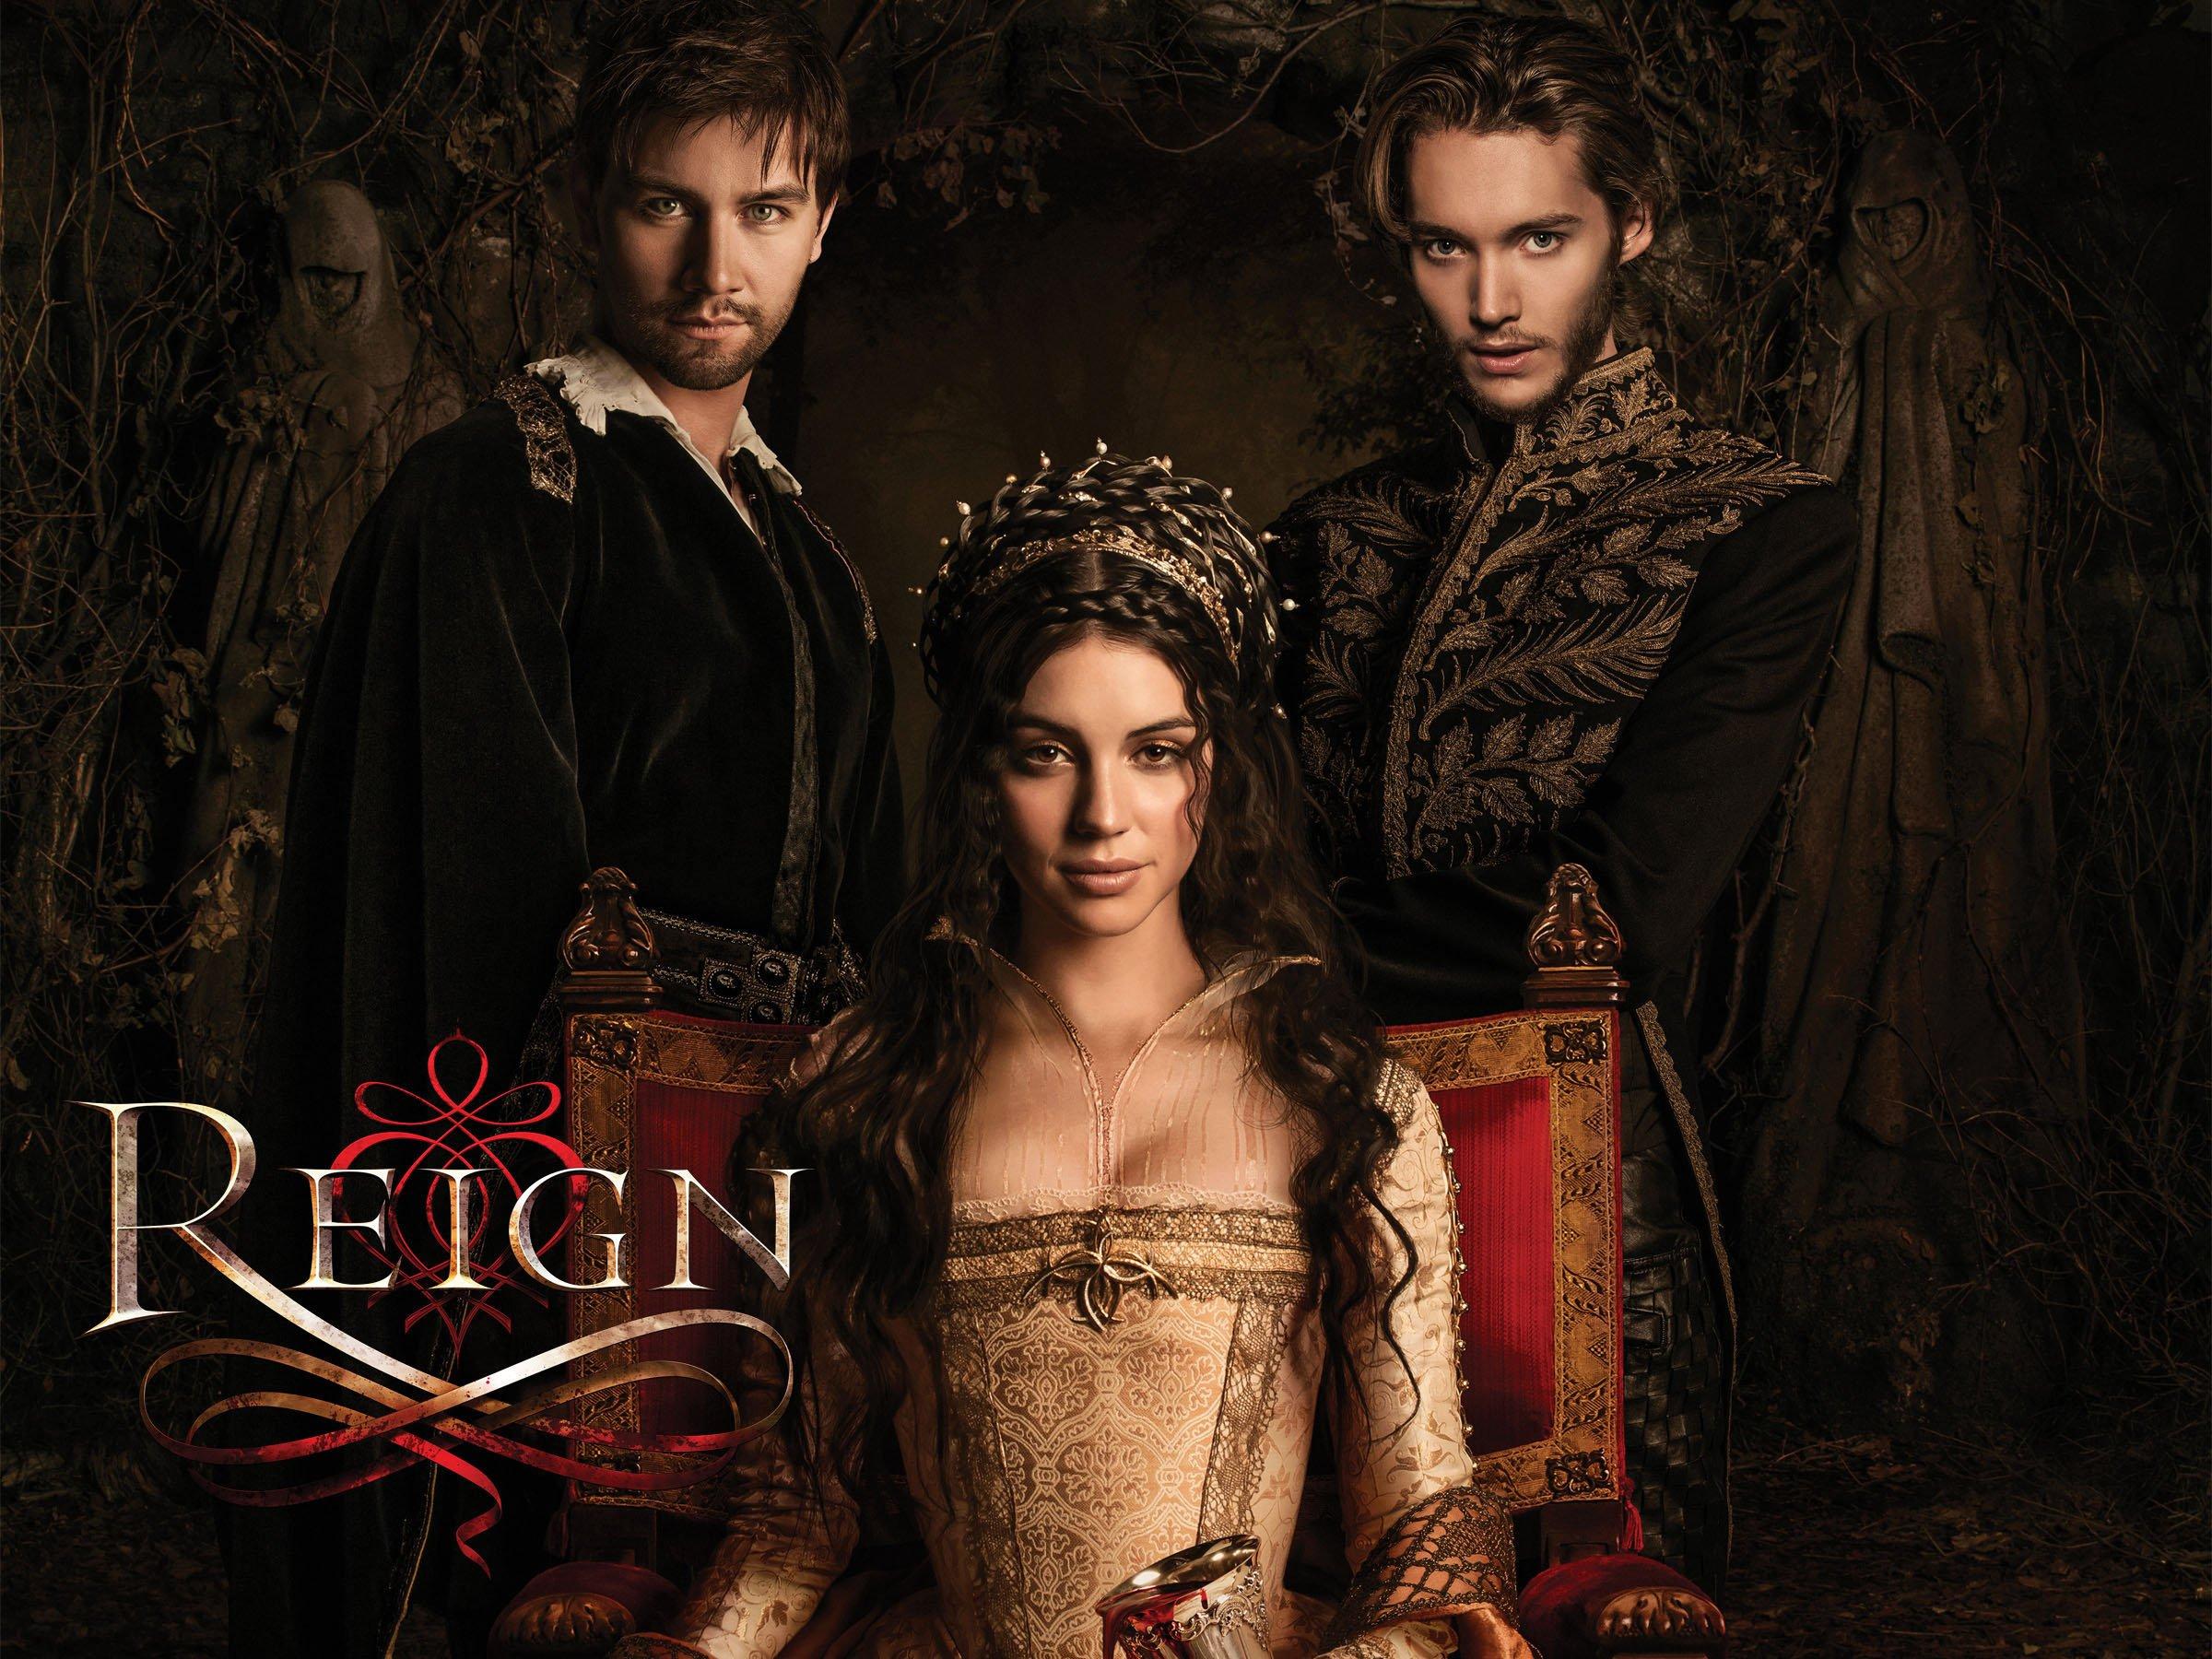 Serien Wie Reign